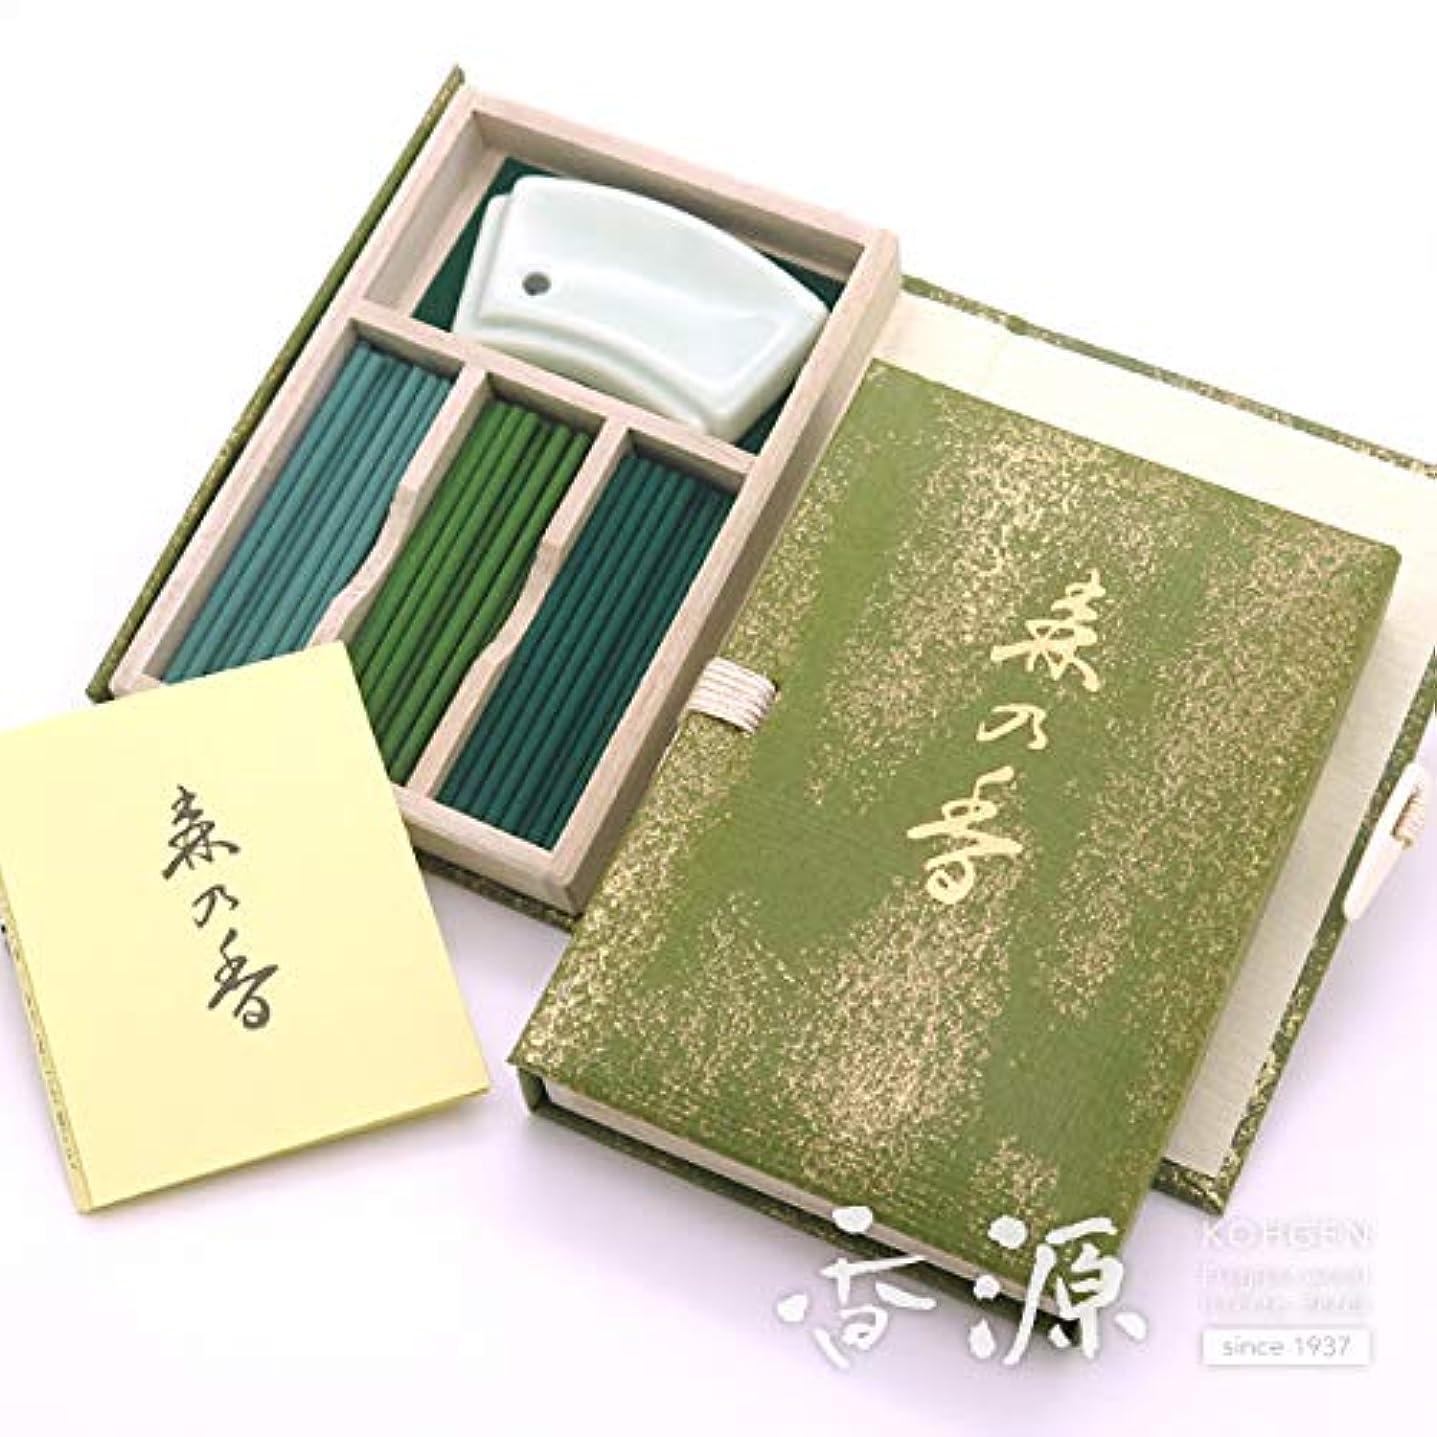 単にクリックヘルシー日本香堂のお香 森の香 スティックミニ寸文庫型 60本入り